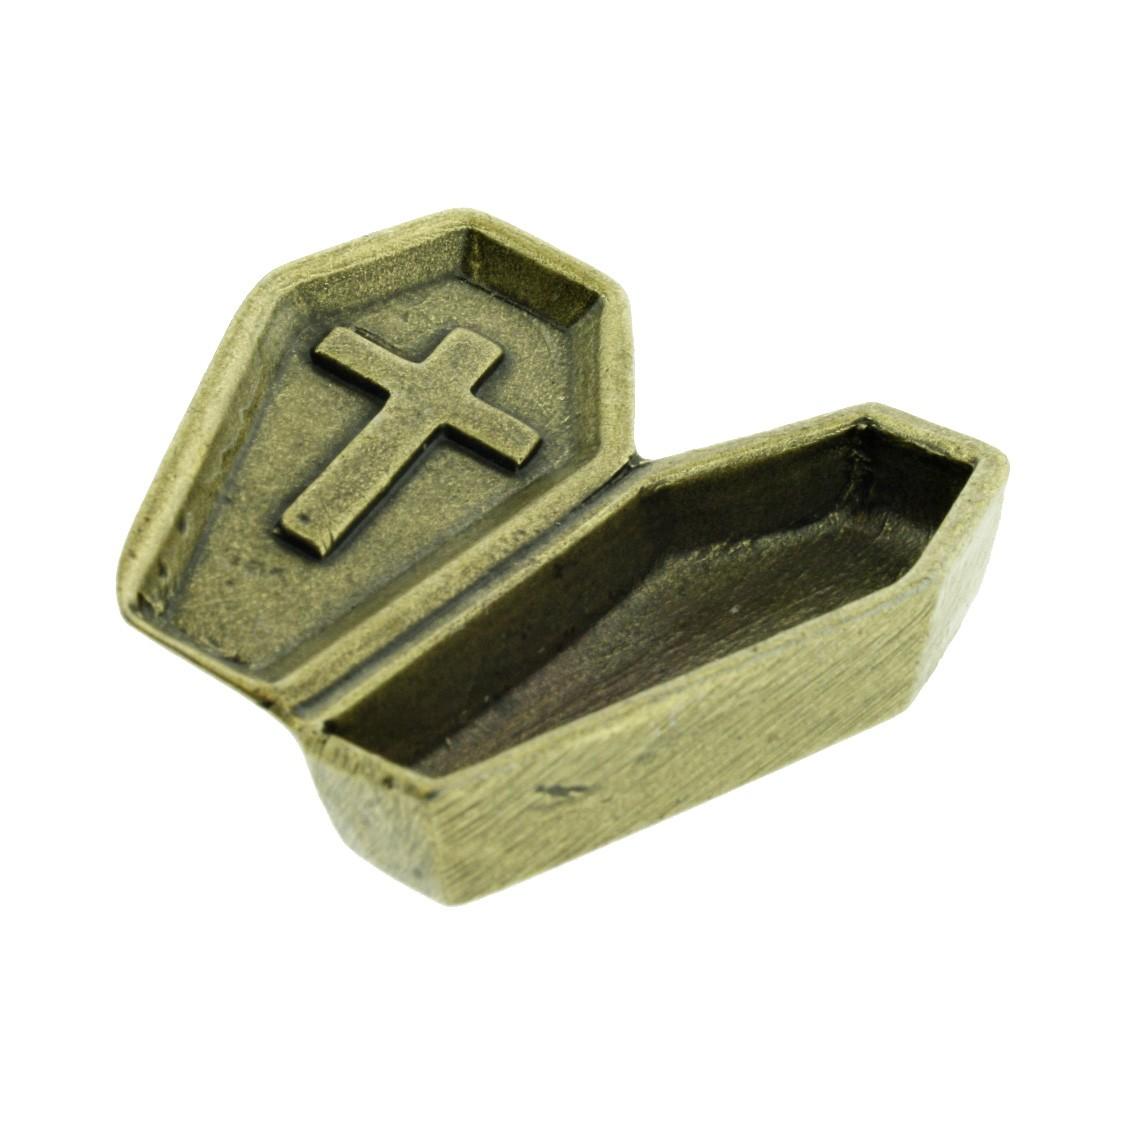 Caixão - Ouro Velho - 43mm  - Universo Religioso® - Artigos de Umbanda e Candomblé